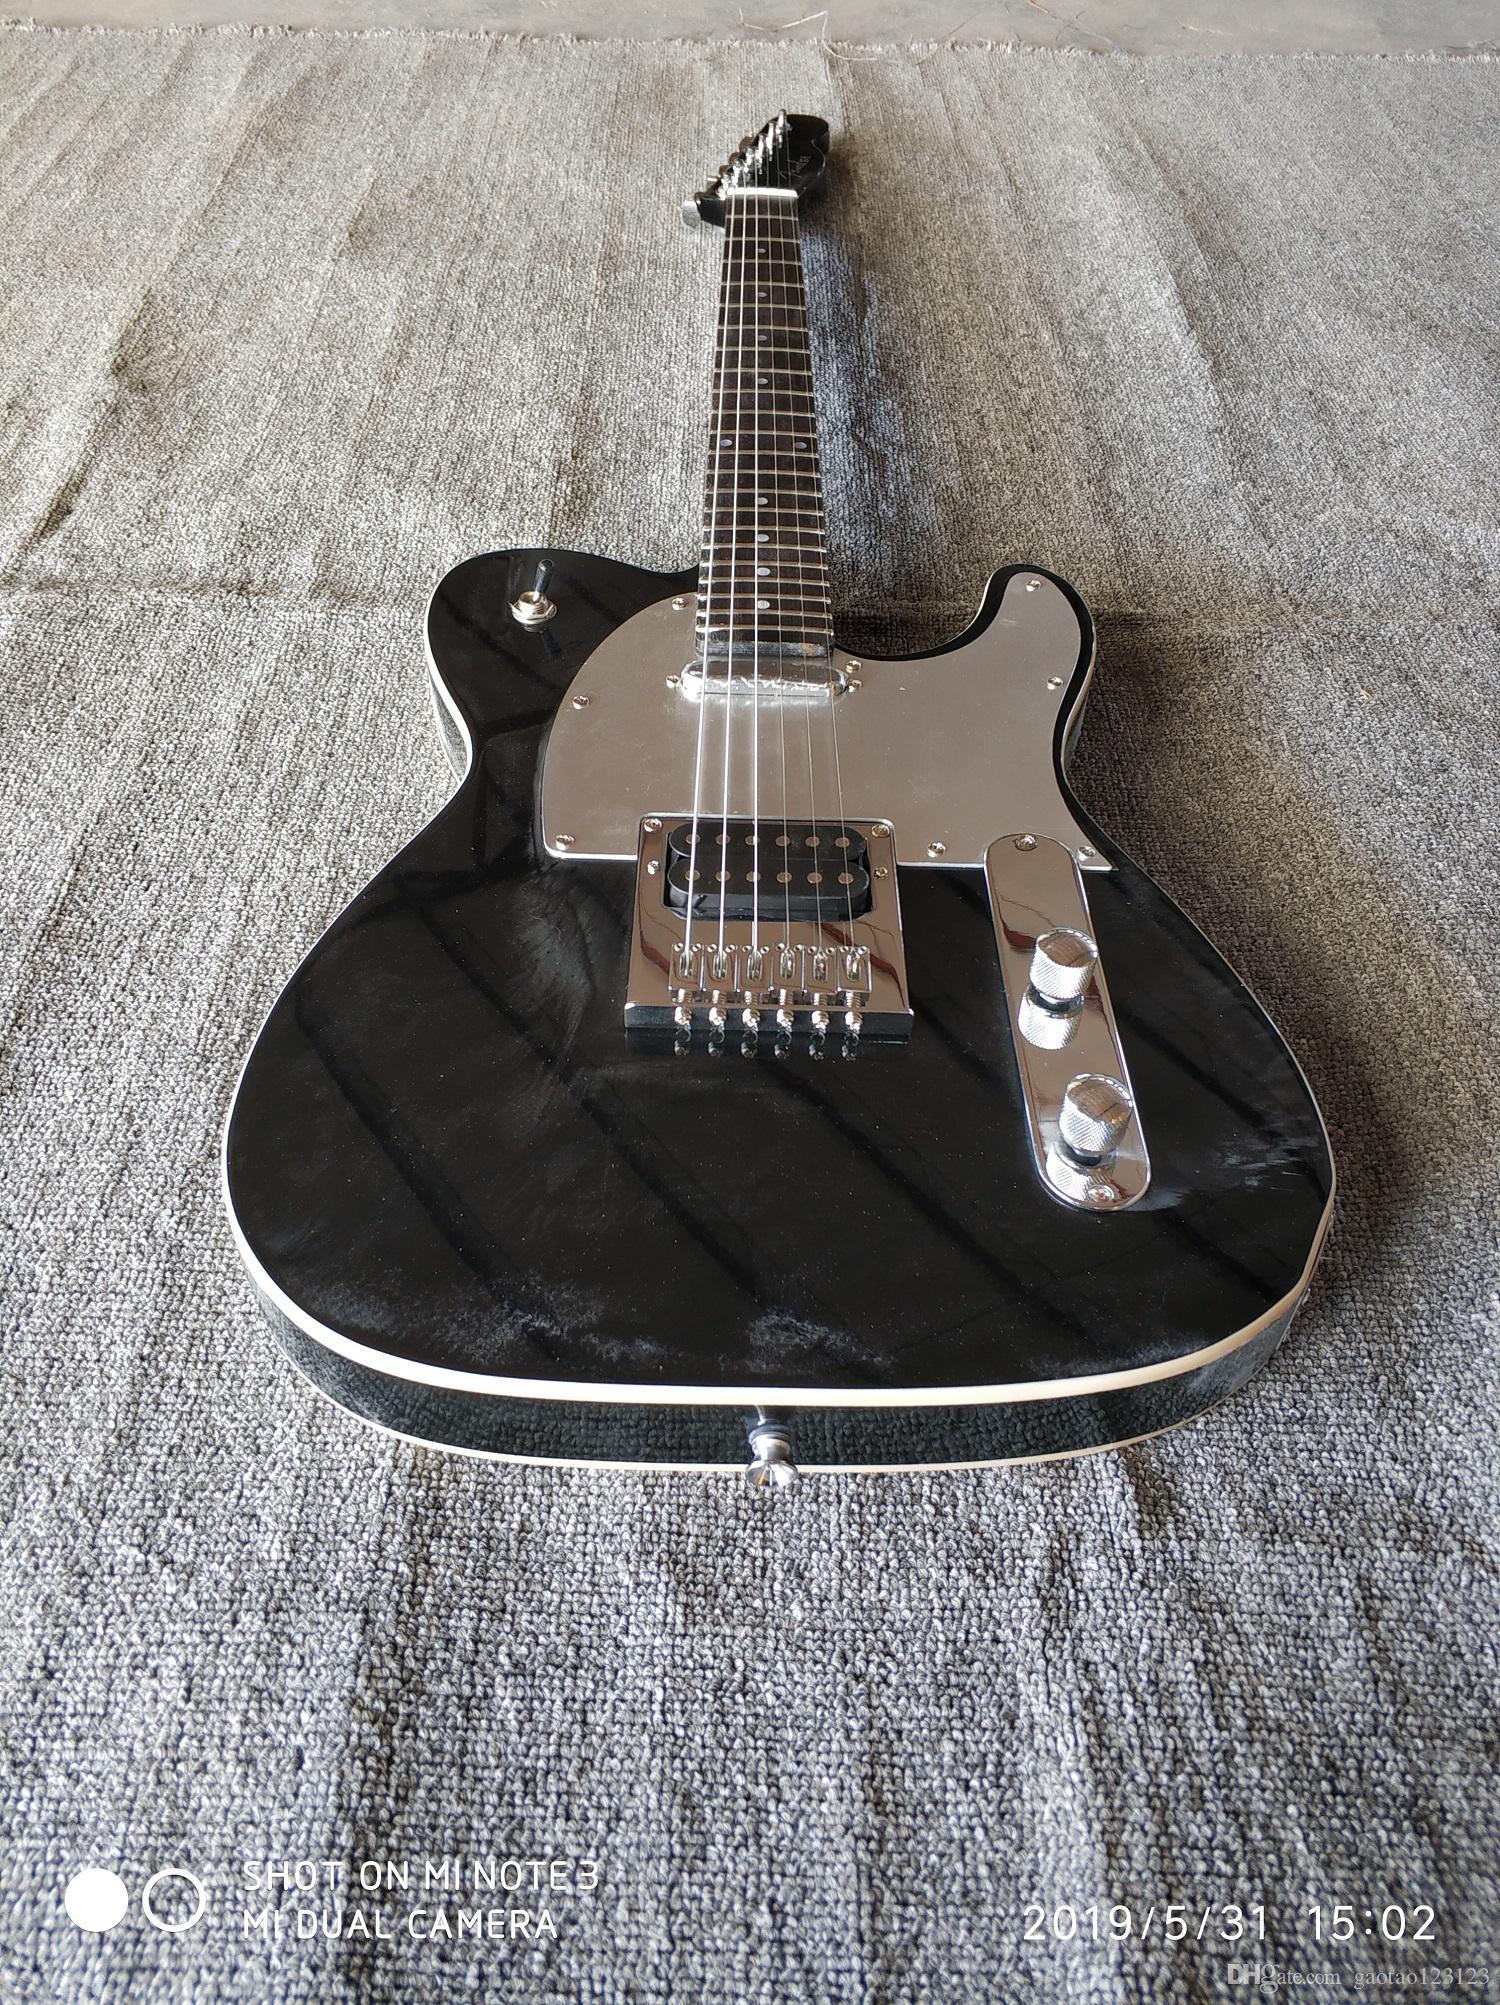 최고 품질의 공장 맞춤형 Tele electric guitar 흑단 지판 기타 6 현악기 기타